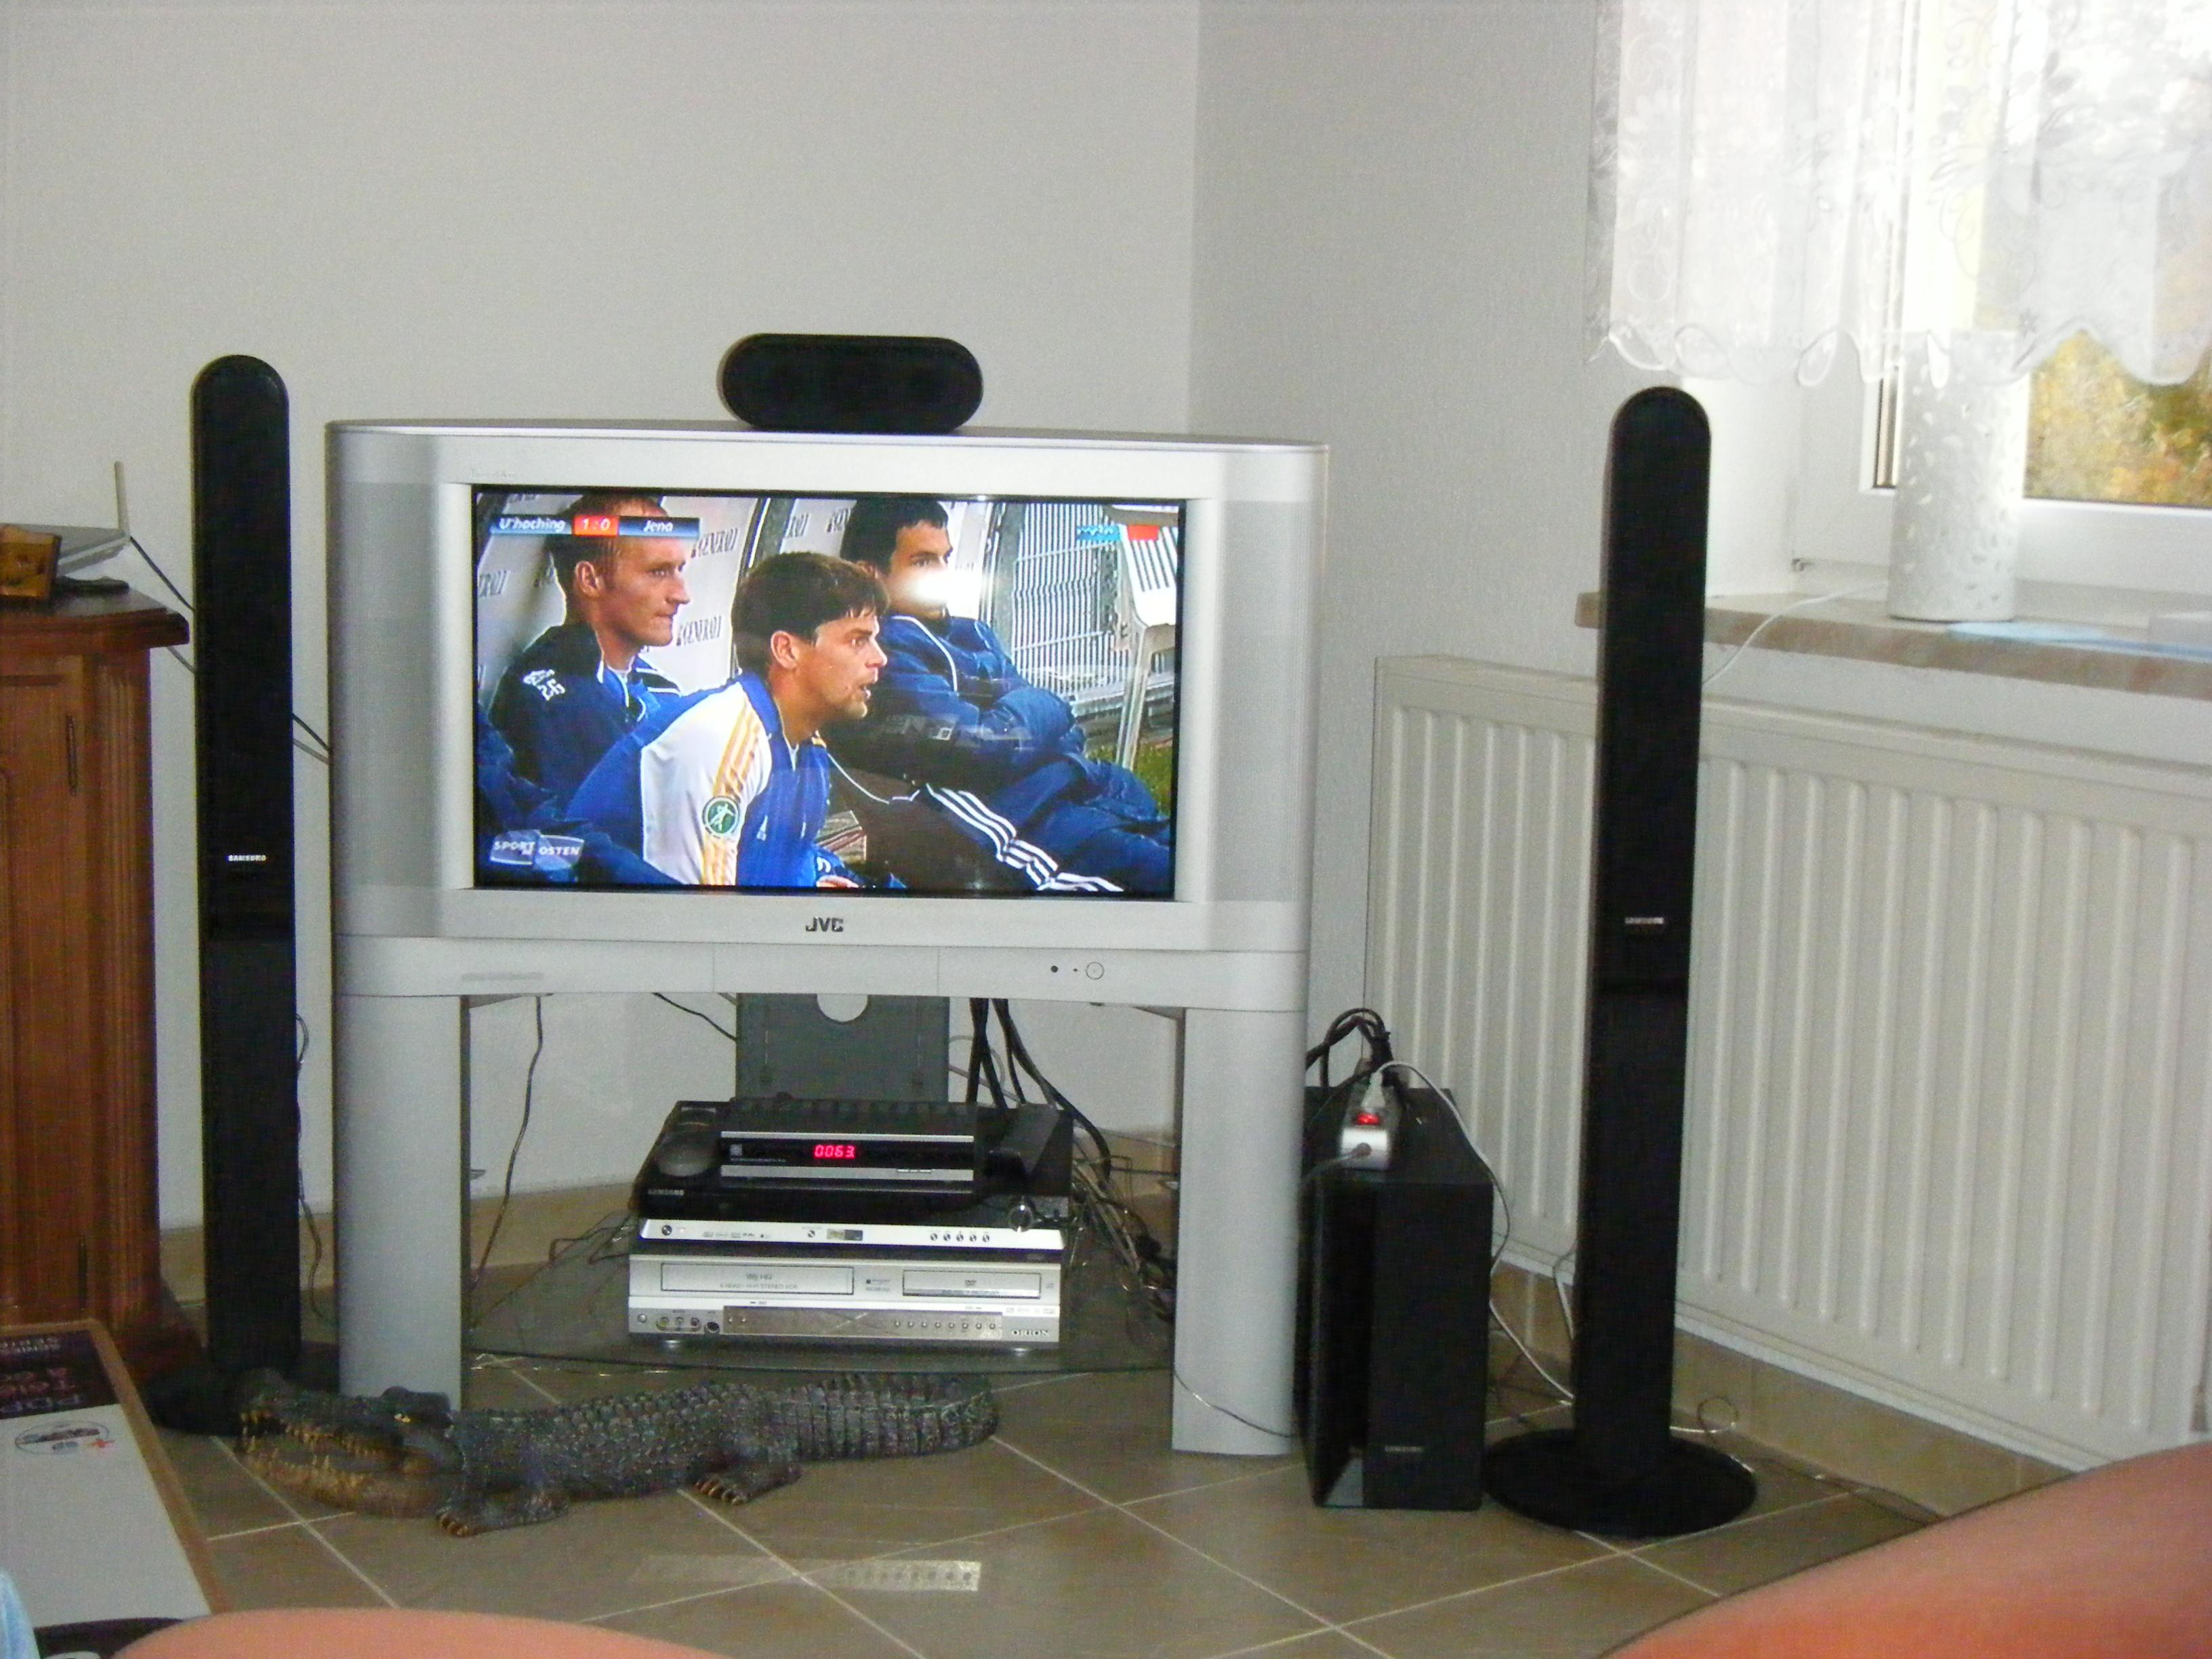 kleinanzeigen tv hifi video audio seite 45. Black Bedroom Furniture Sets. Home Design Ideas